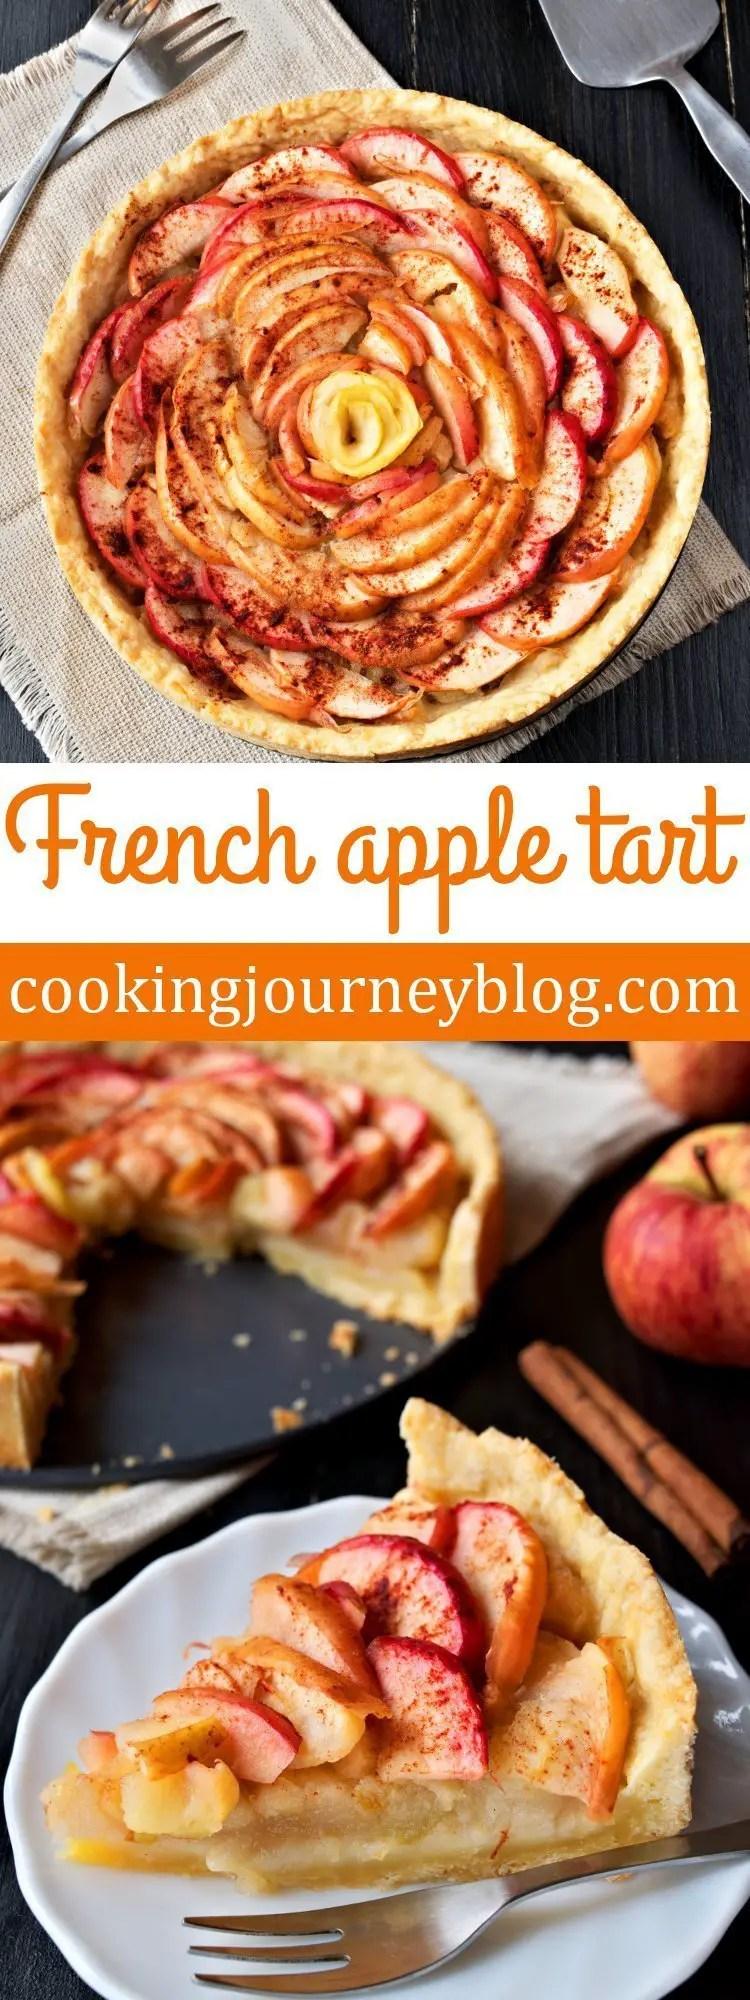 French apple tart – Apple dessert recipes